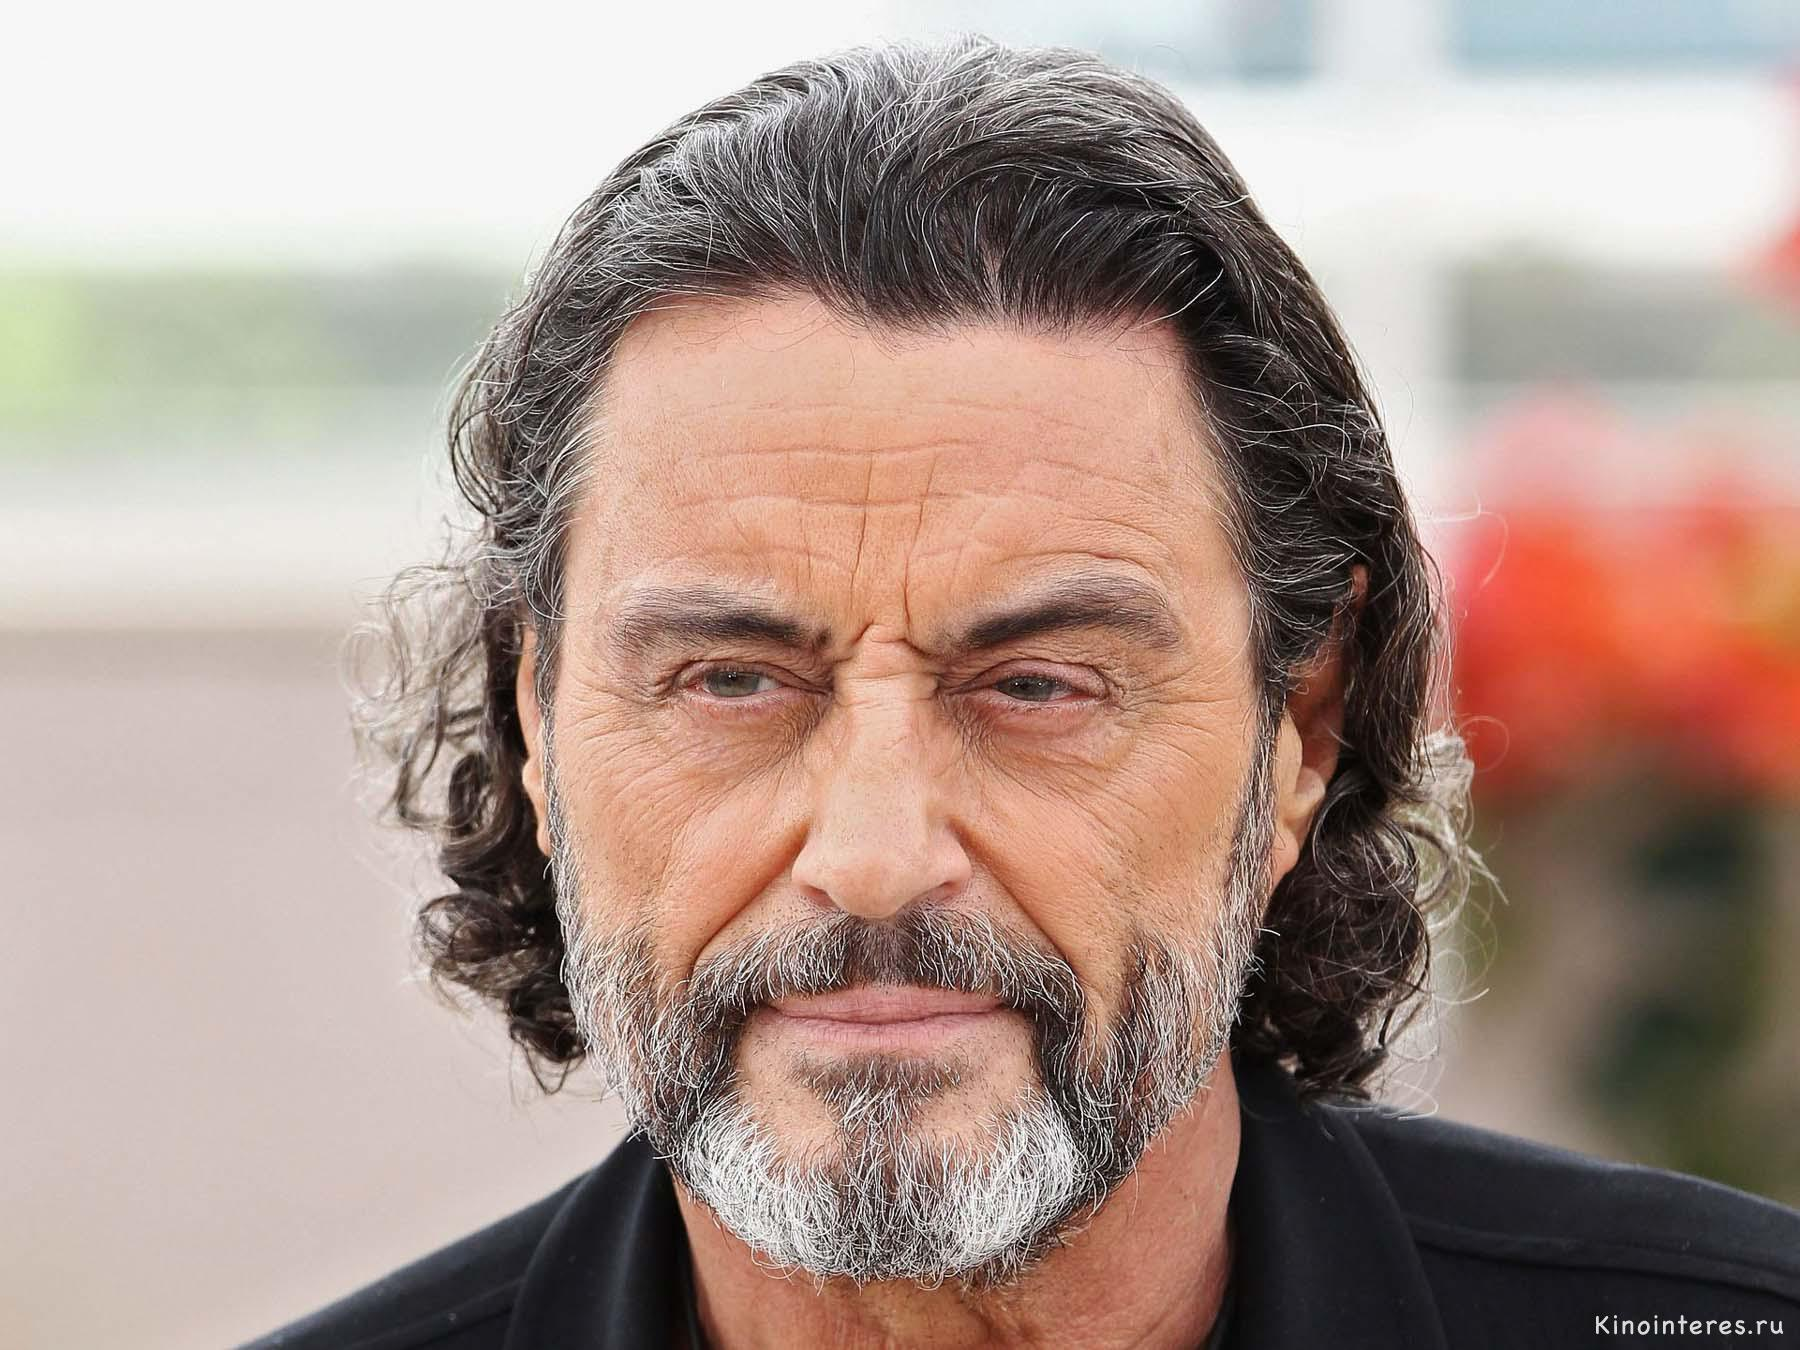 Йен МакШейн актер